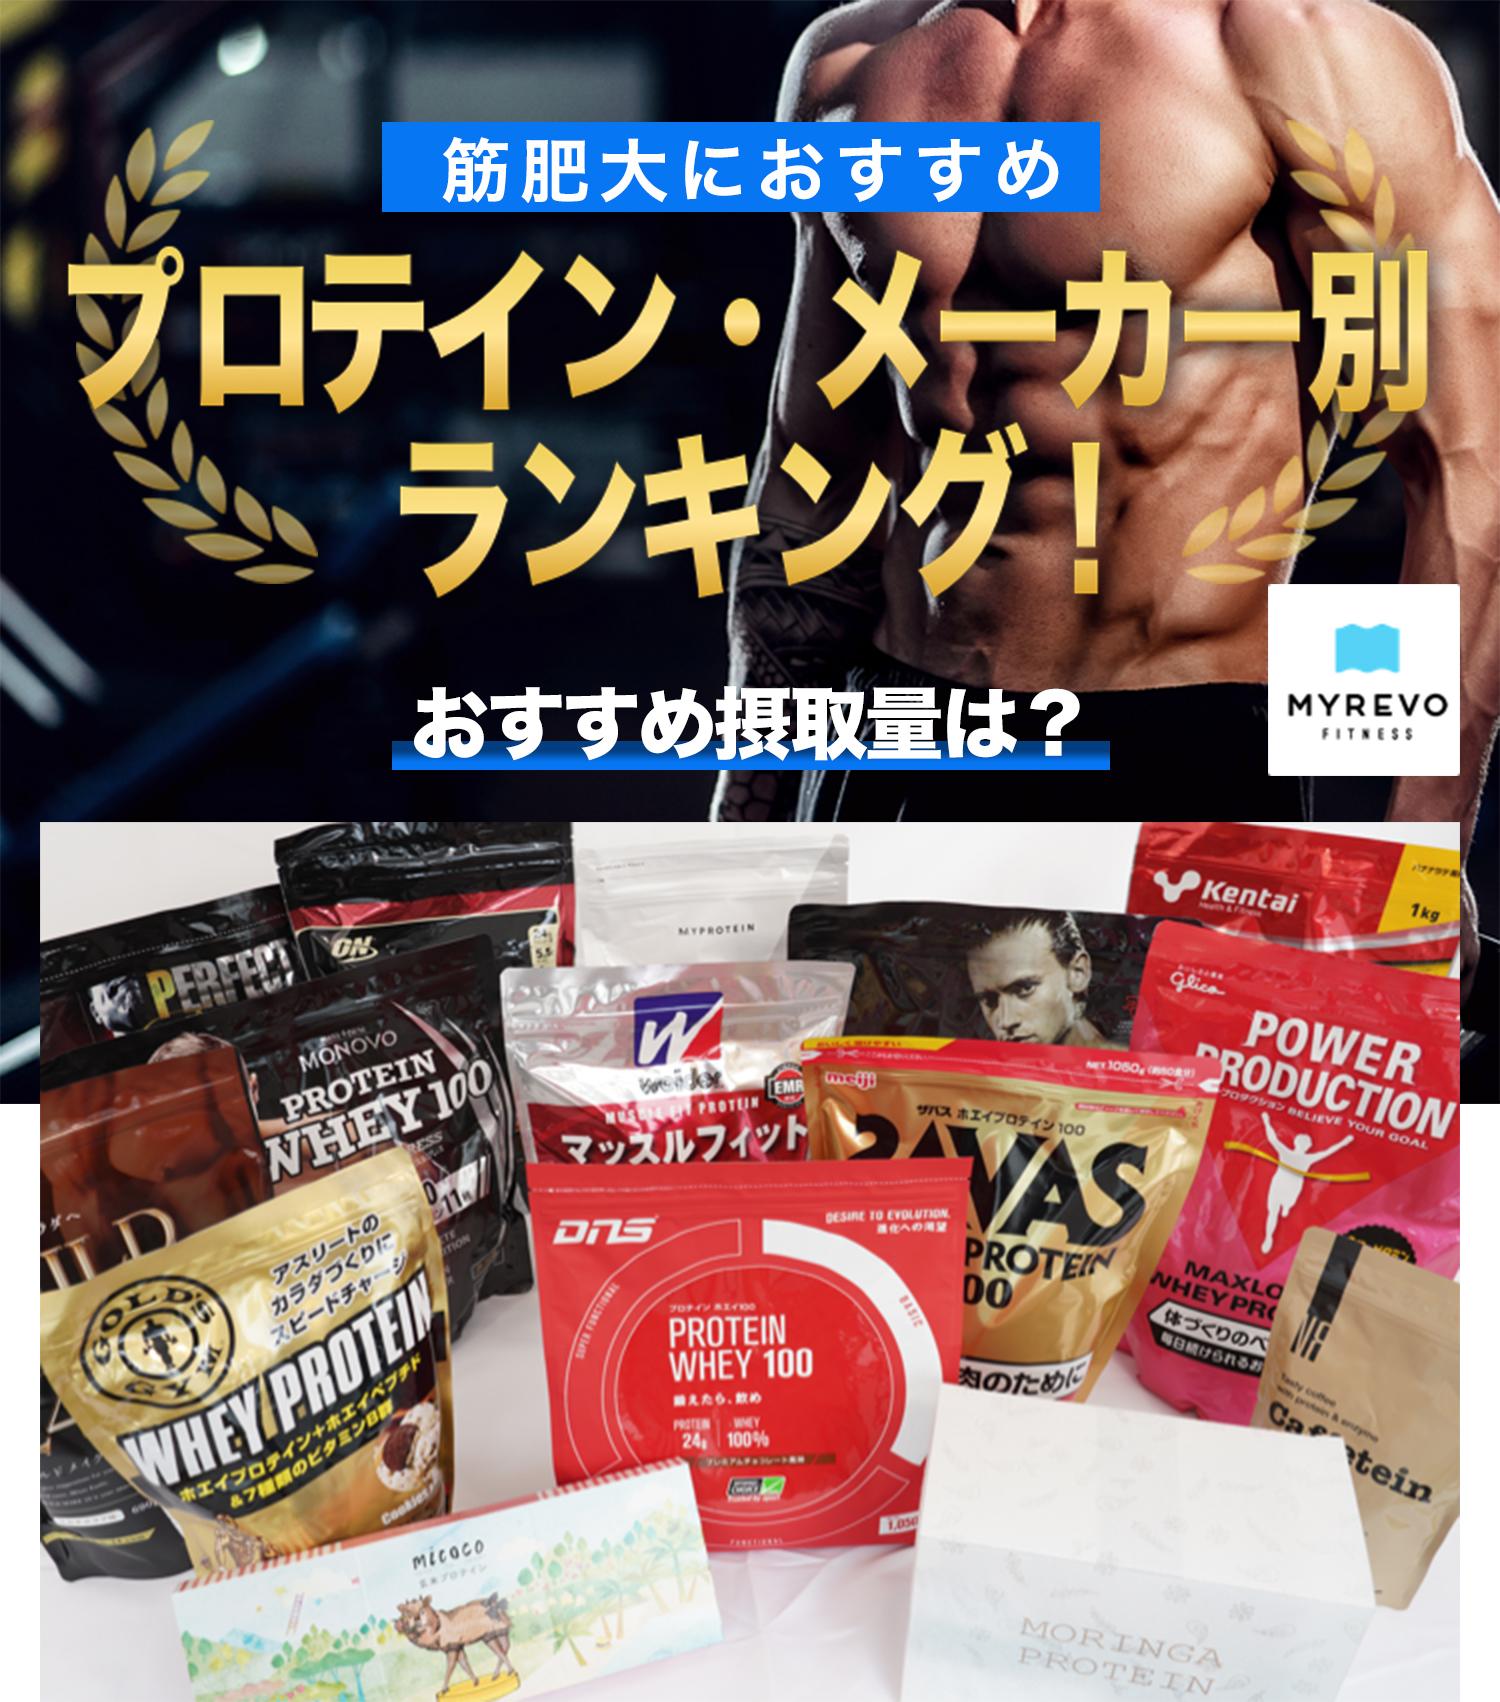 プロテイン タンパク質 多い タンパク質含有量の多いプロテイン5選 ...